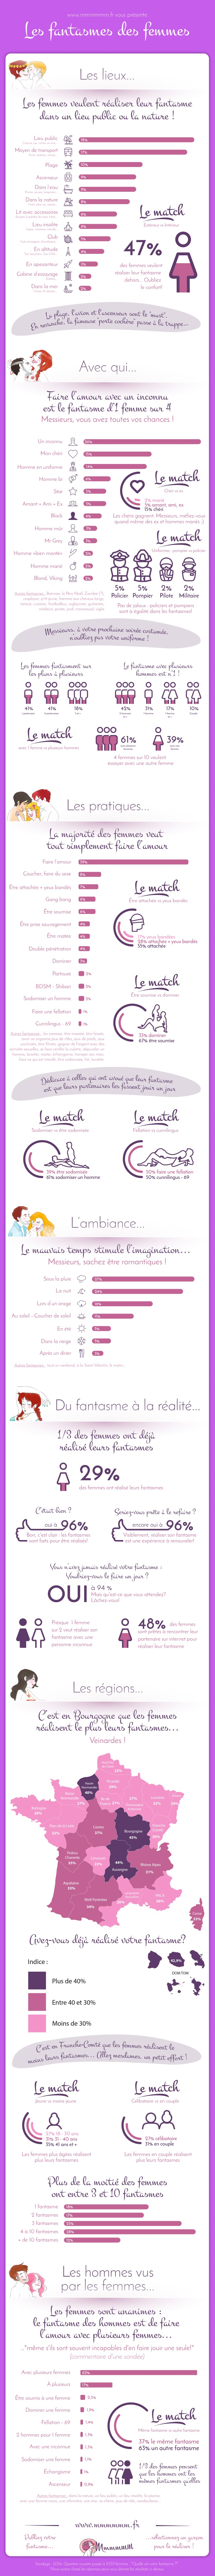 Infographie fantasmes femmes